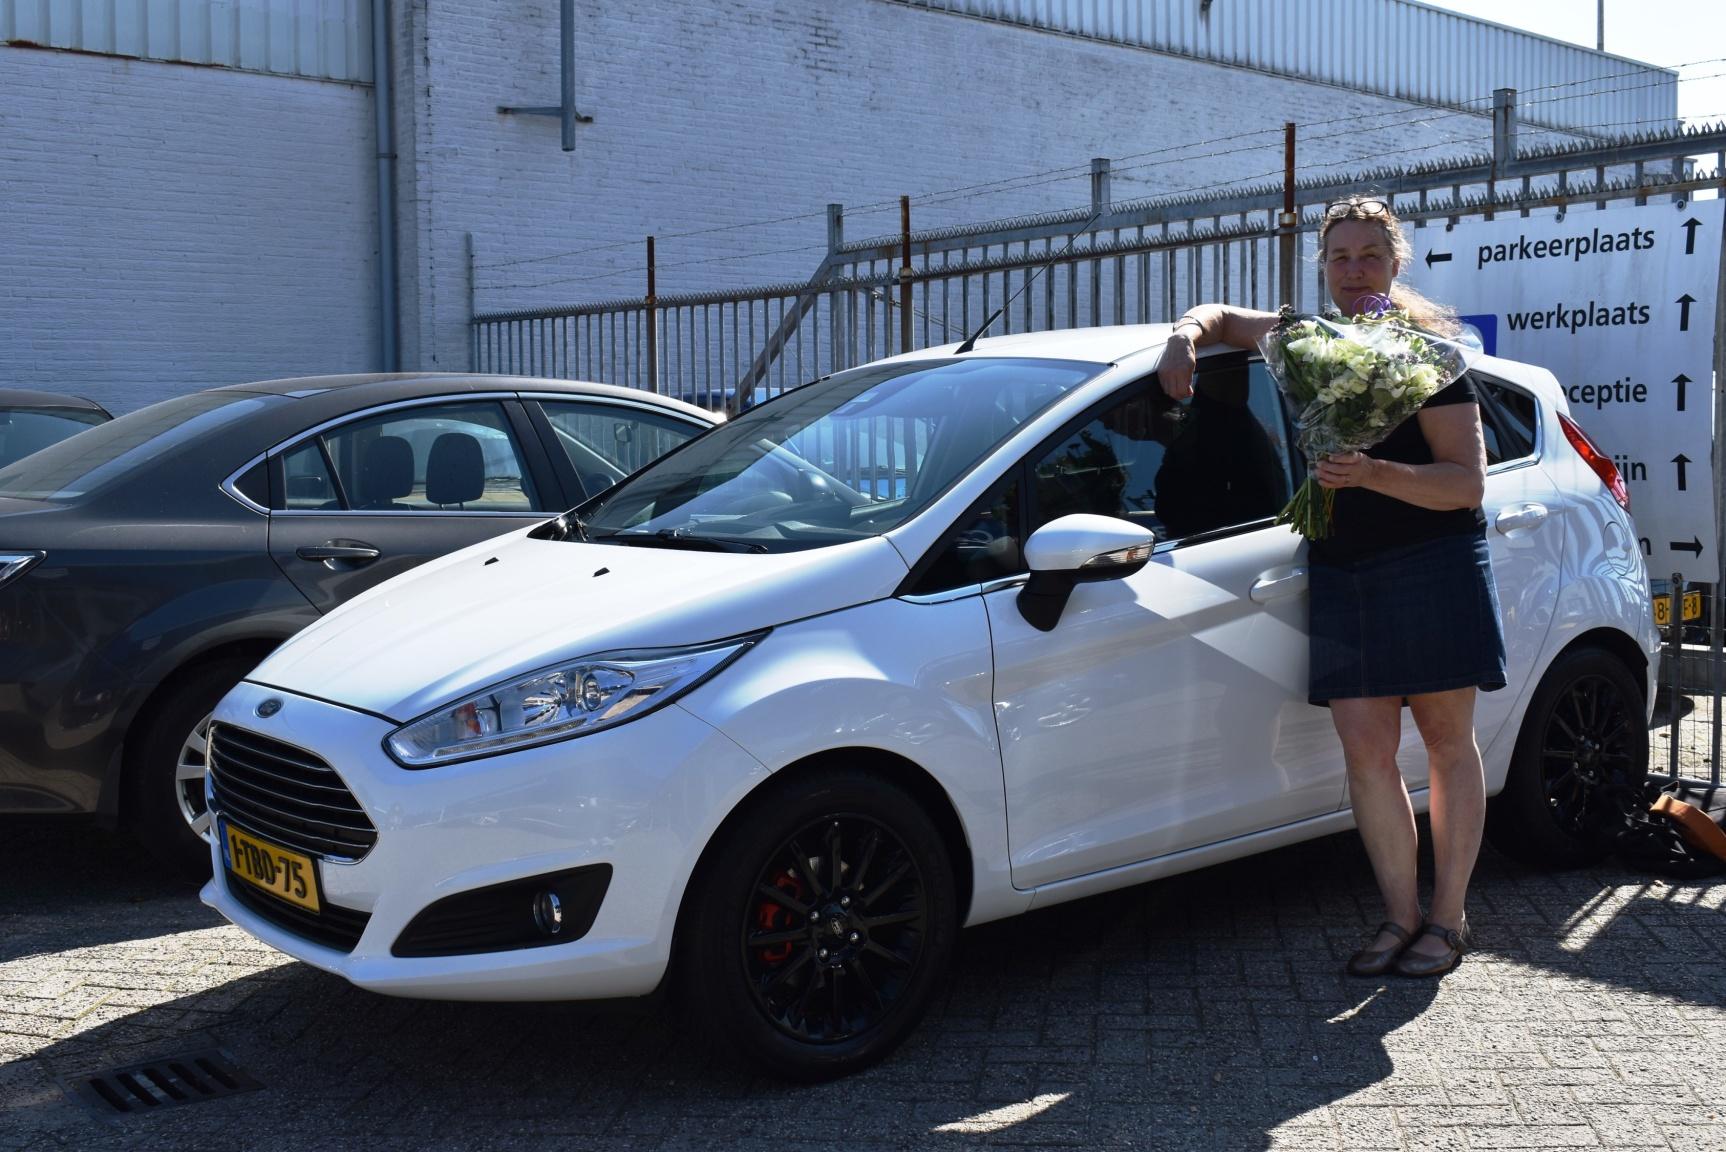 Aflevering Ford Fiesta-2021-09-13 09:18:19